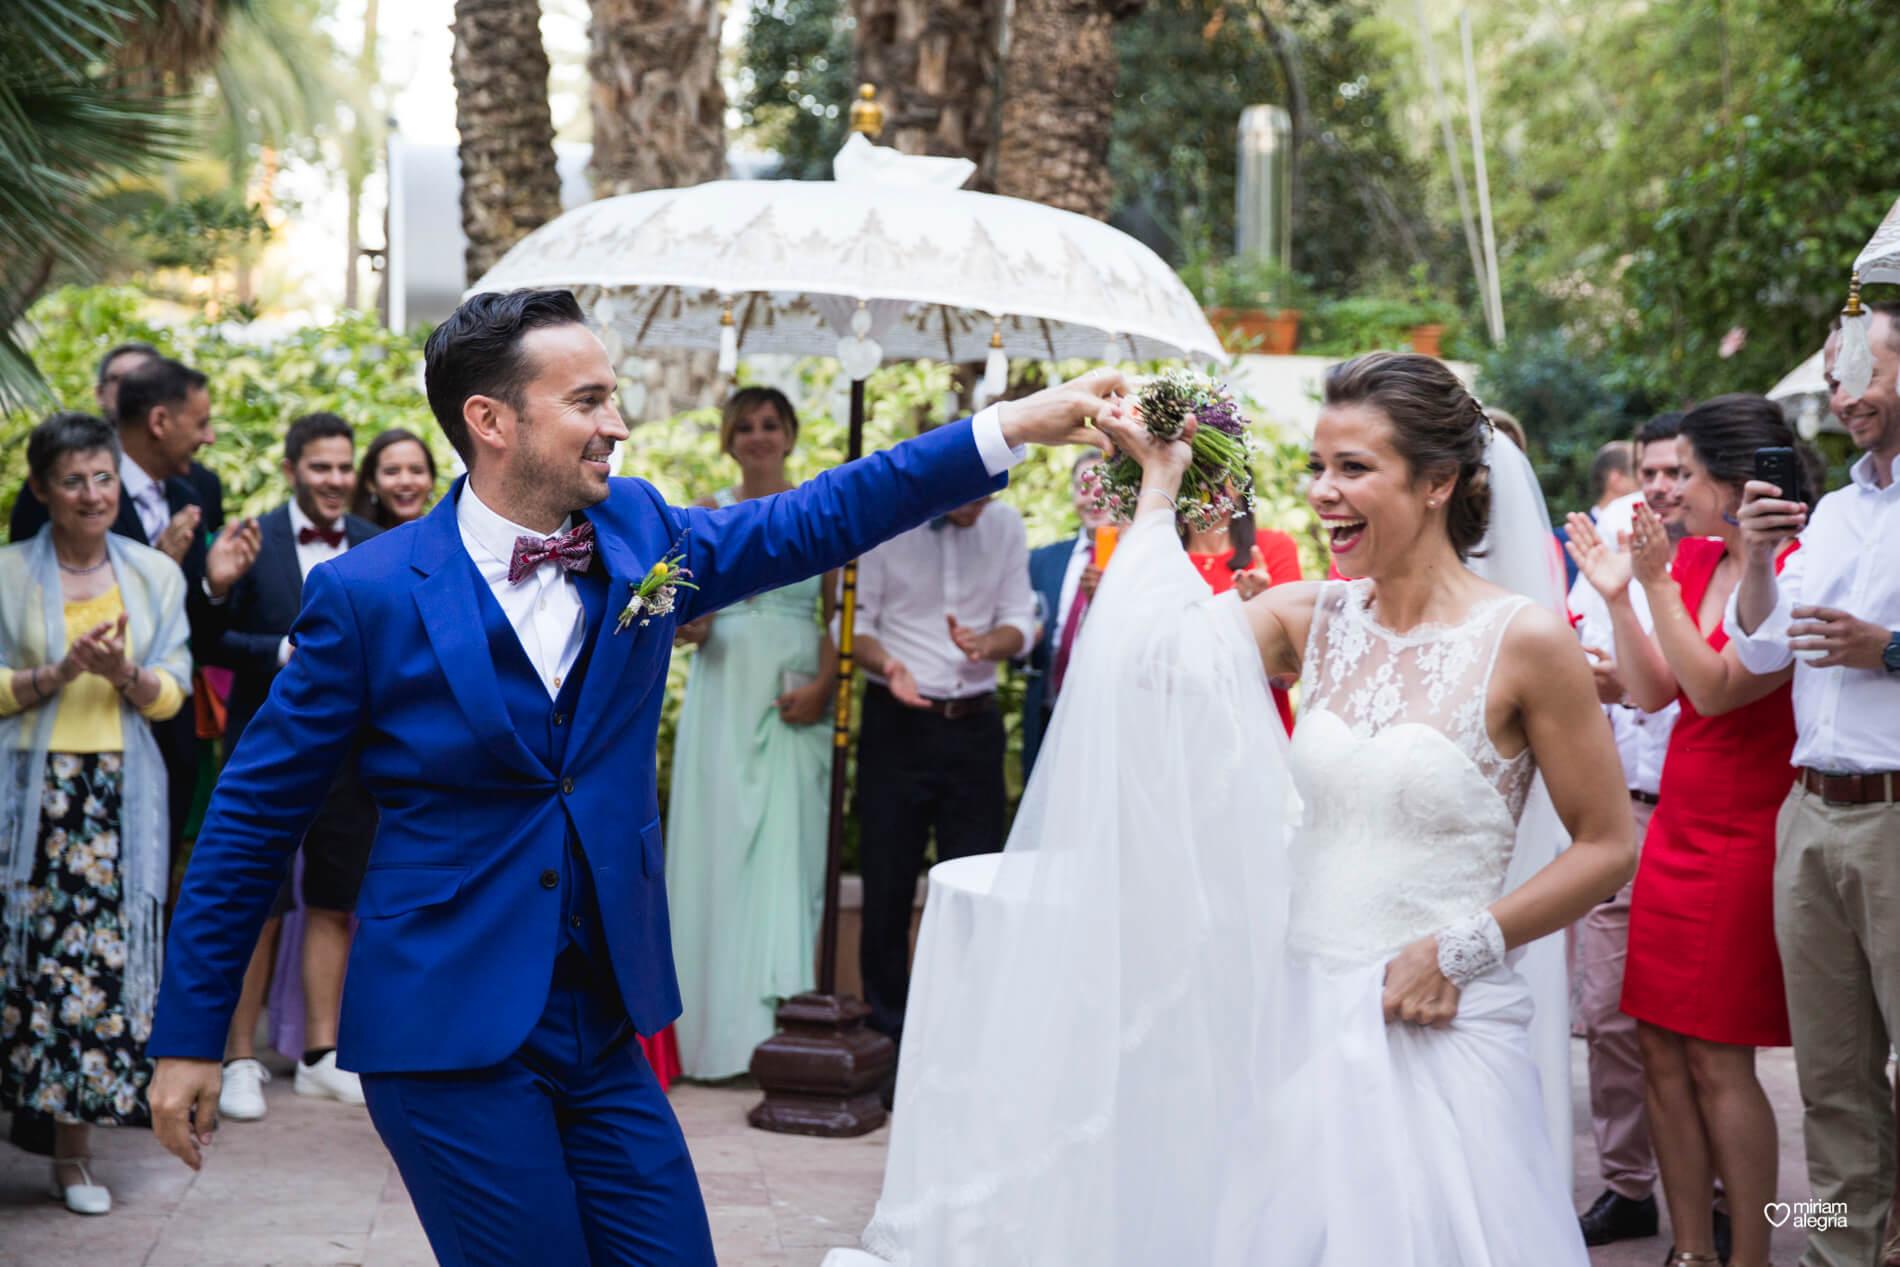 wedding-huerto-del-cura-elche-miriam-alegria-fotografos-boda-51